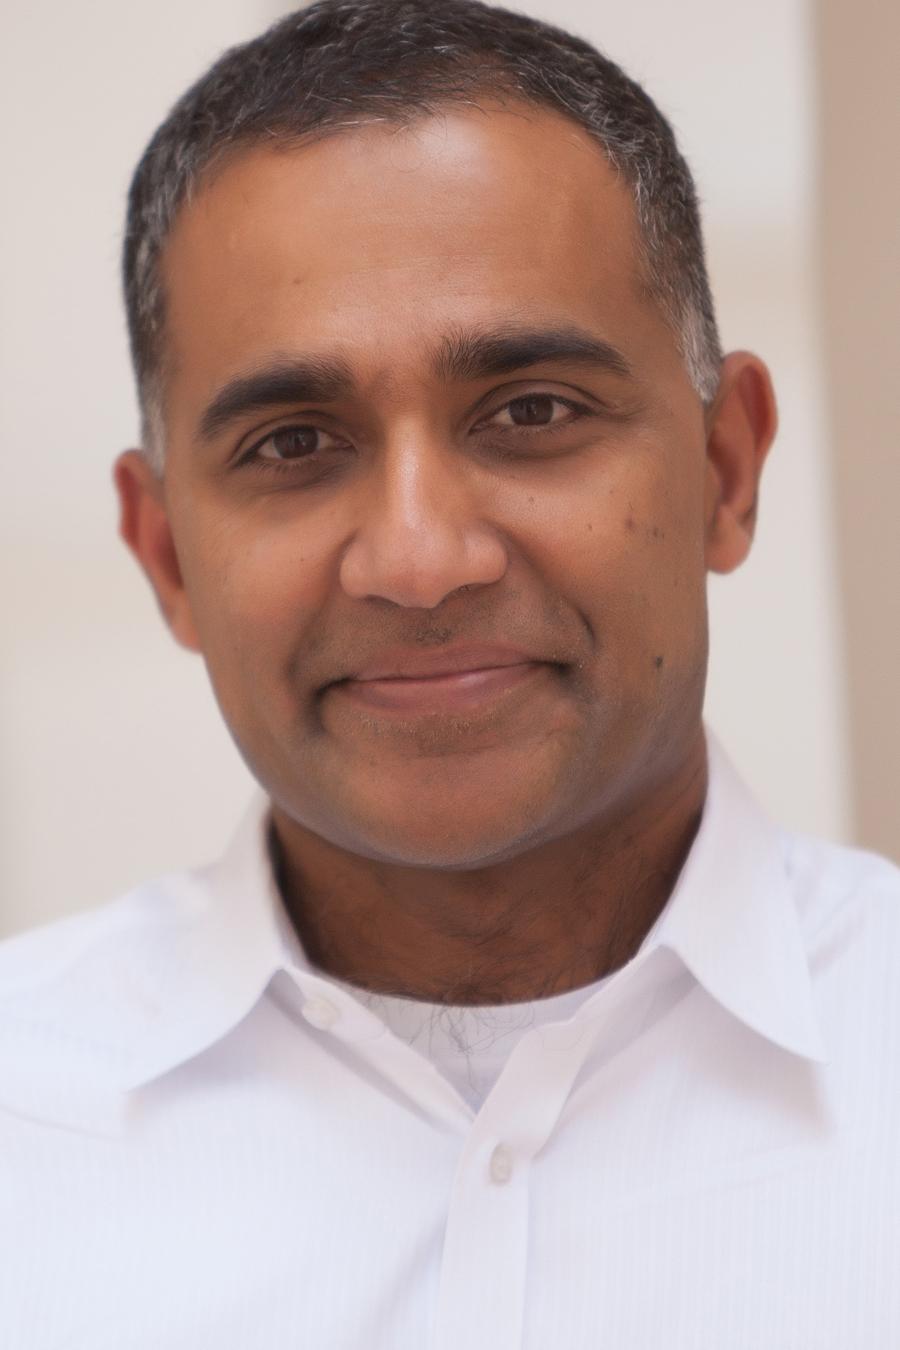 Photograph of Roshan Shetty